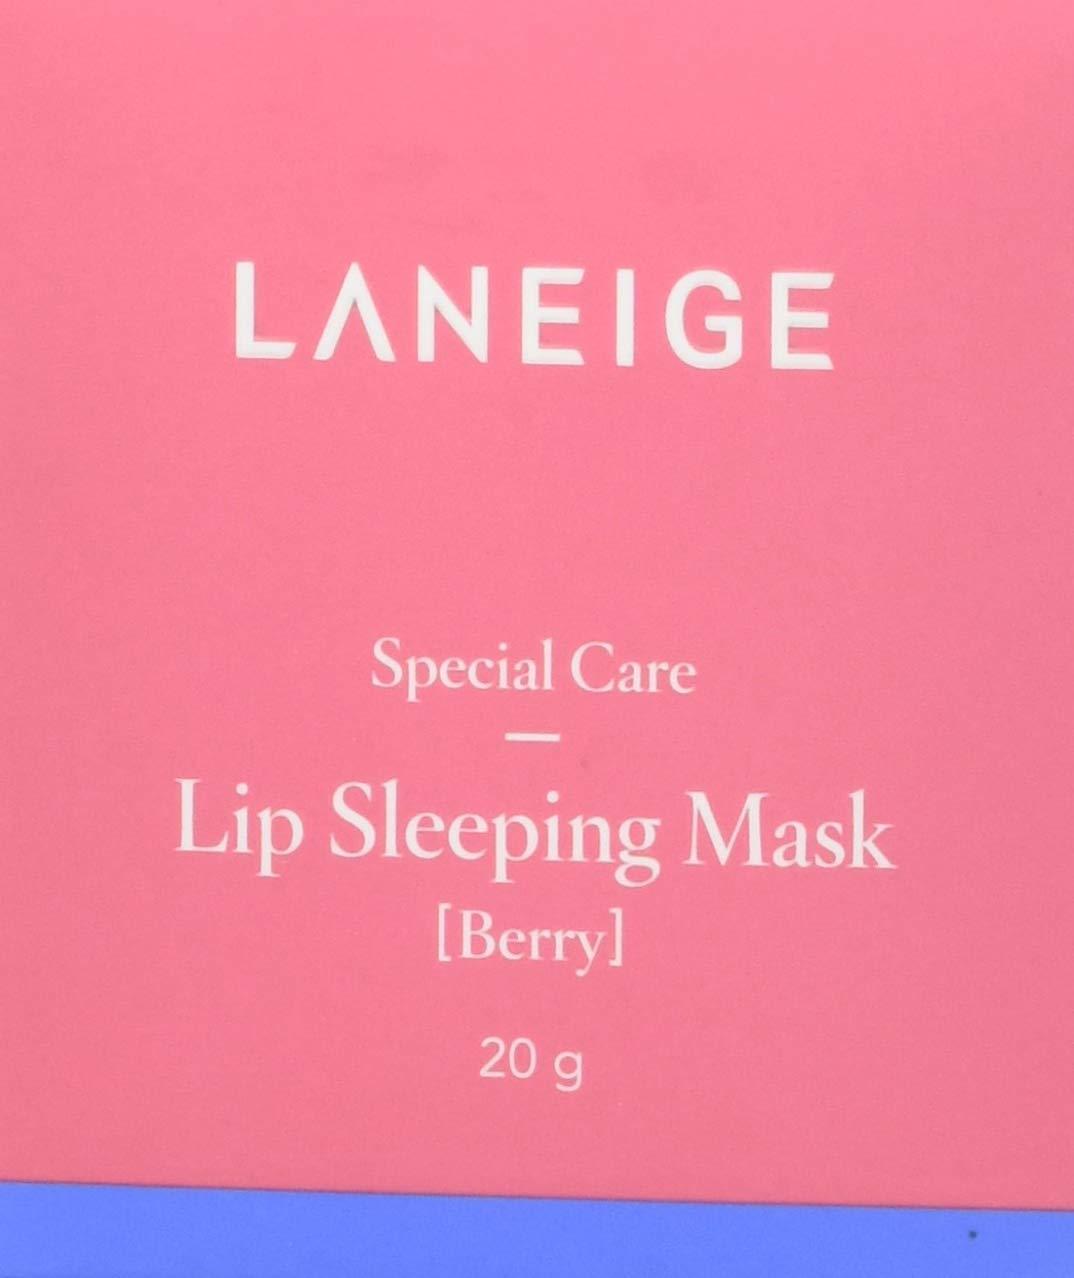 립 슬리핑 마스크 베리 LANEIGE Lip Sleeping Mask